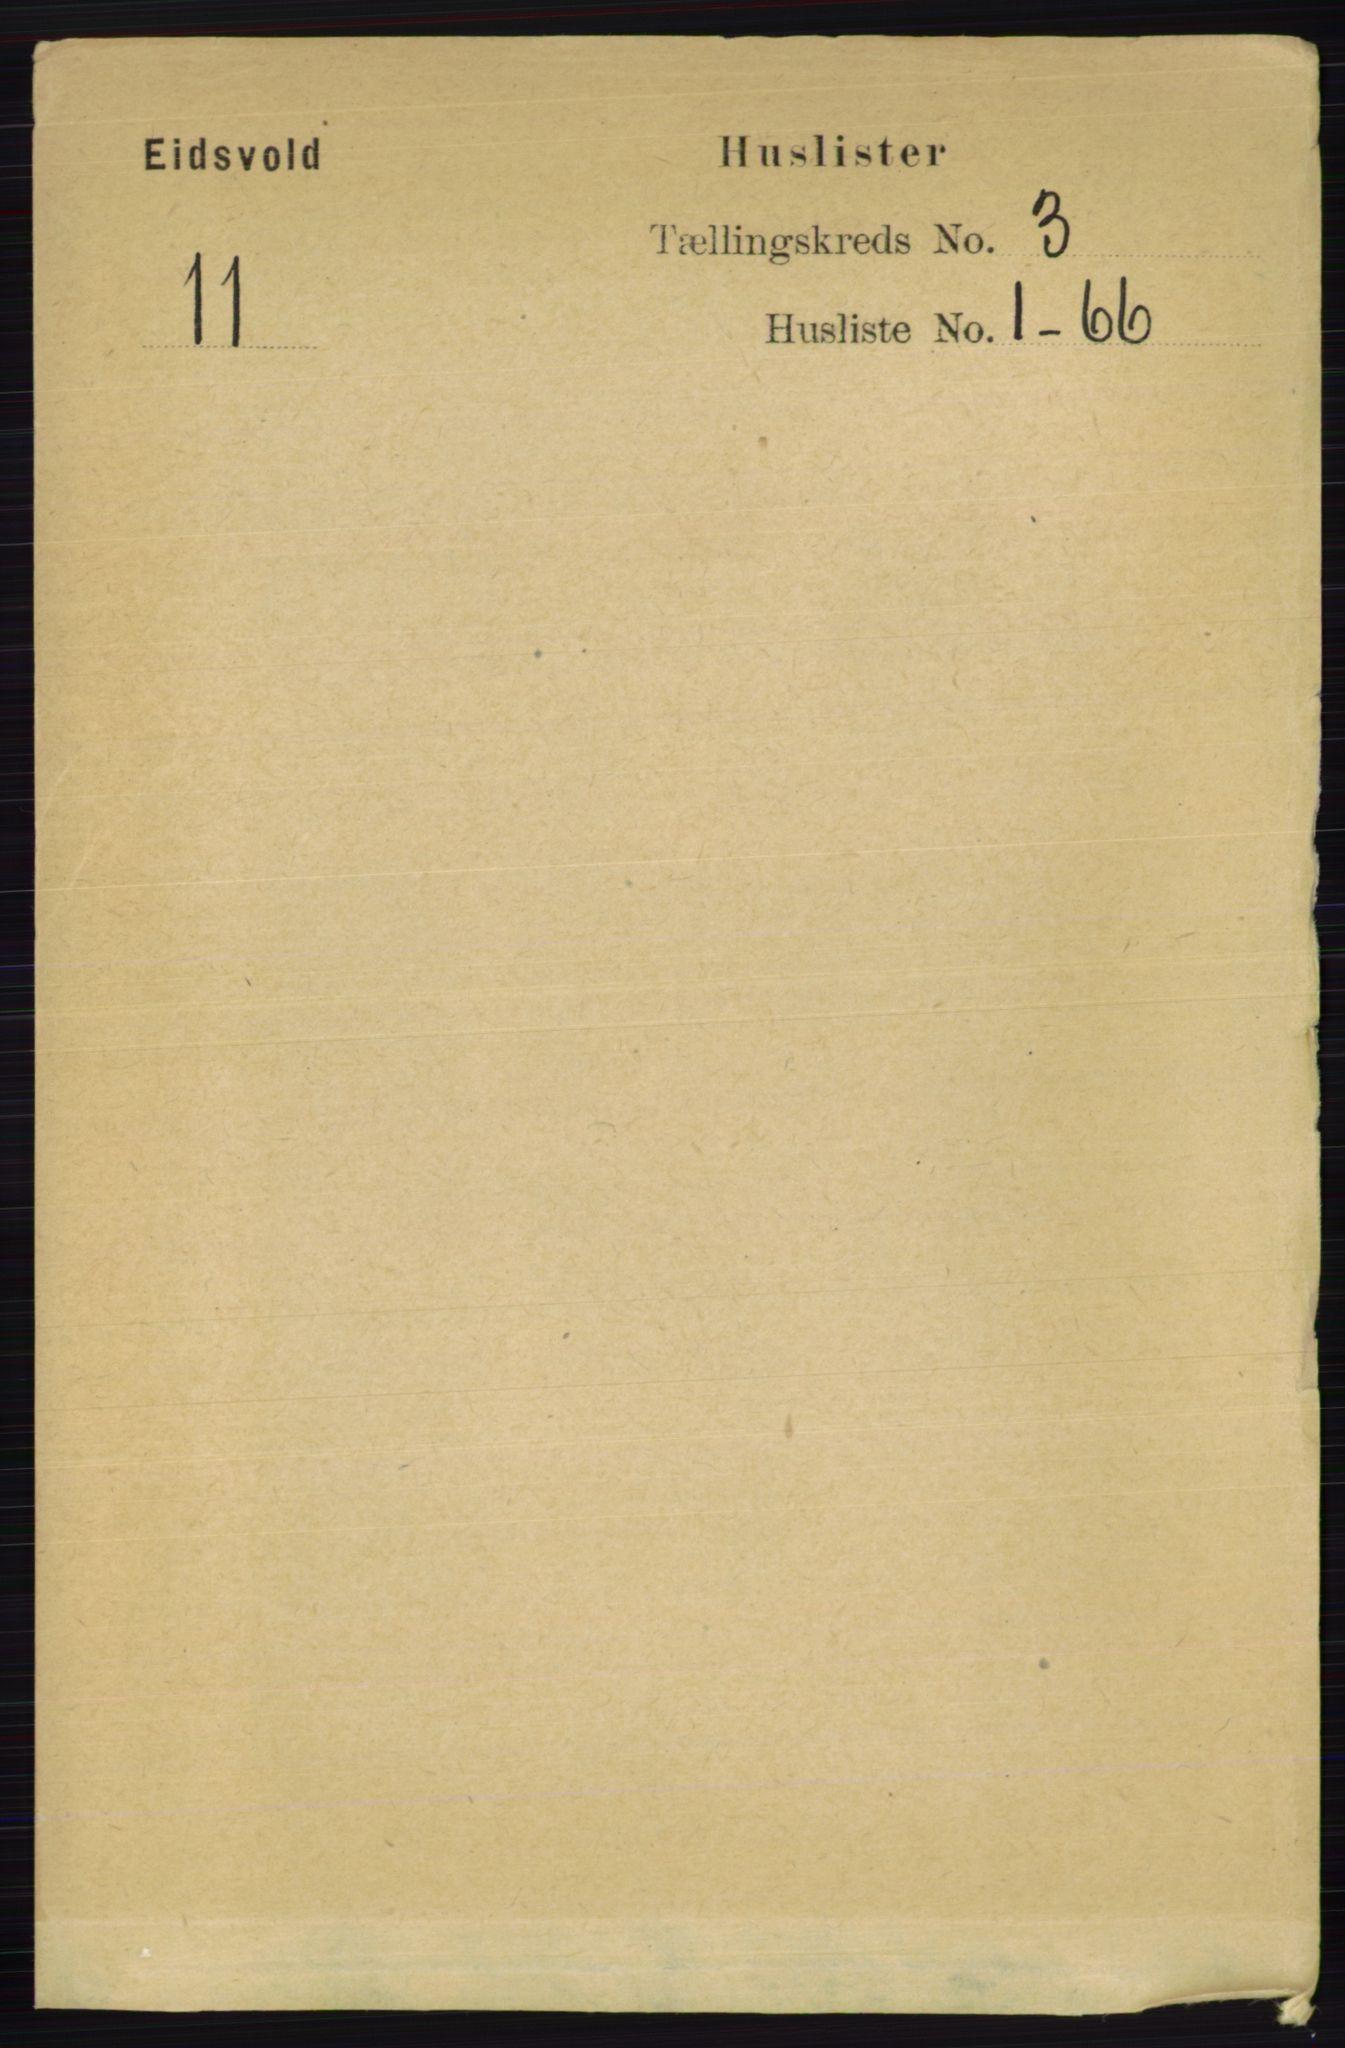 RA, Folketelling 1891 for 0237 Eidsvoll herred, 1891, s. 1519